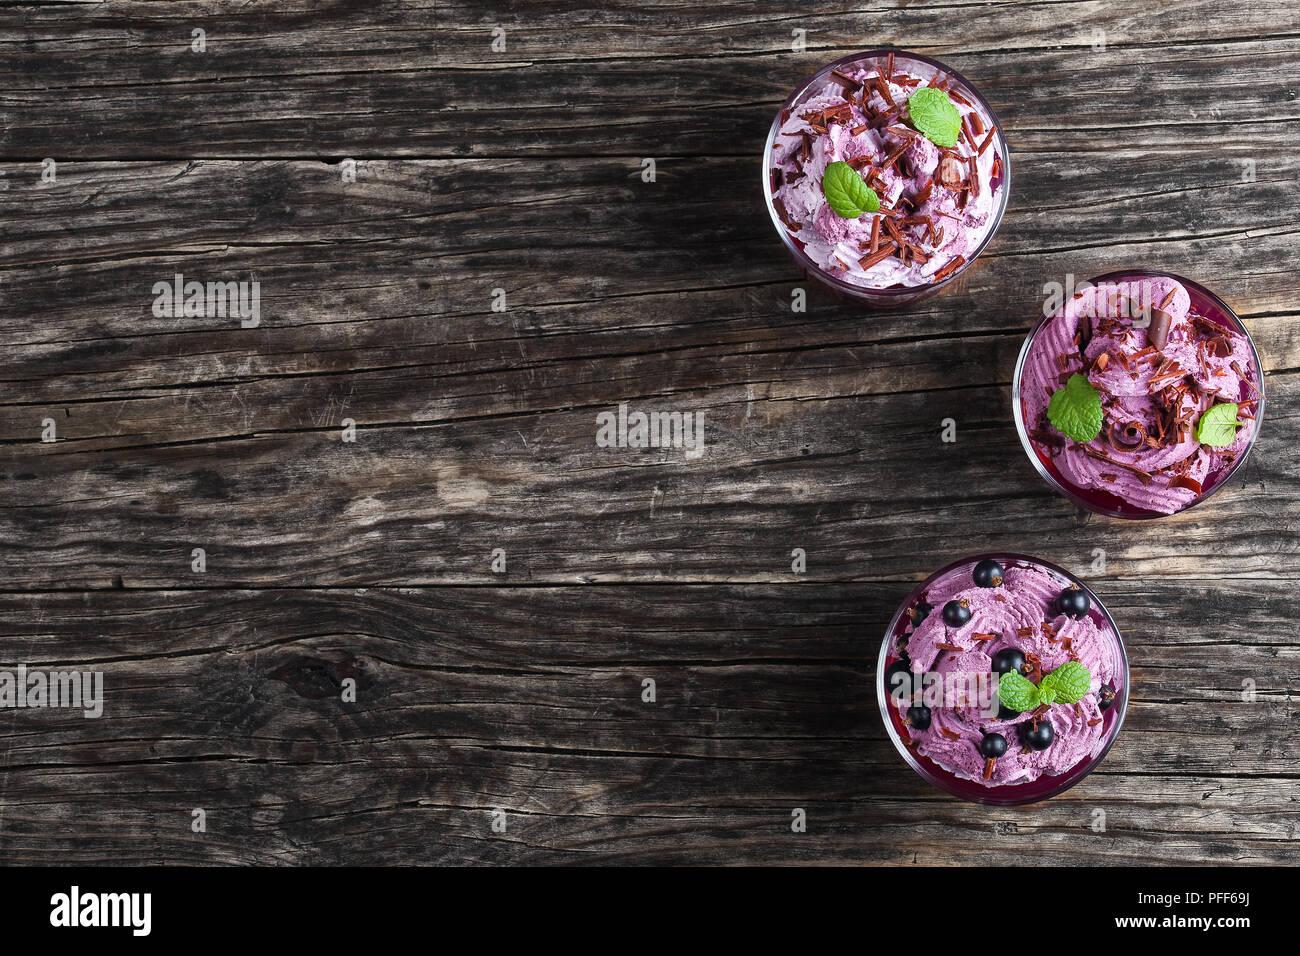 Postre de verano de grosella y ricota mousse de yogur congelado espolvoreado con trocitos de chocolate picado finamente decorado con hojas de menta en tazas de vidrio Imagen De Stock